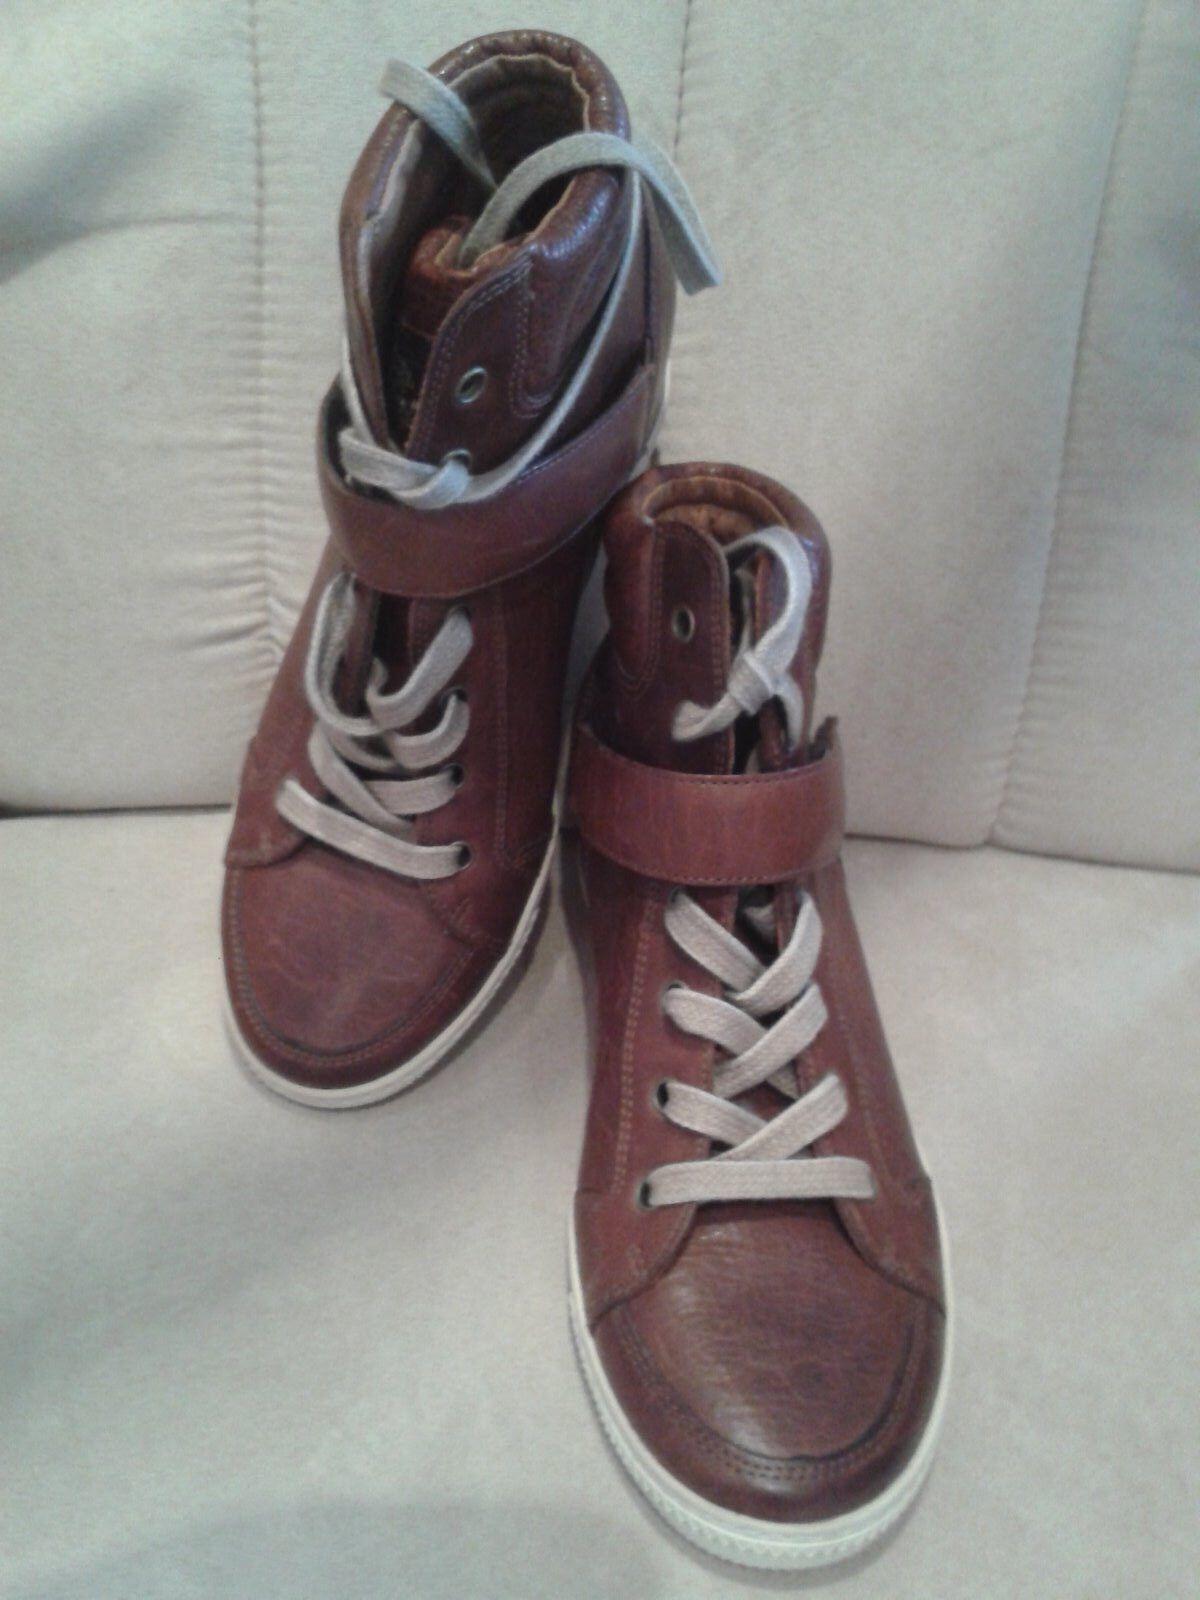 Paul Grün Damenschuhe,NEU,hochwertiges Leder,Größe 4,Farbe cognac,NP